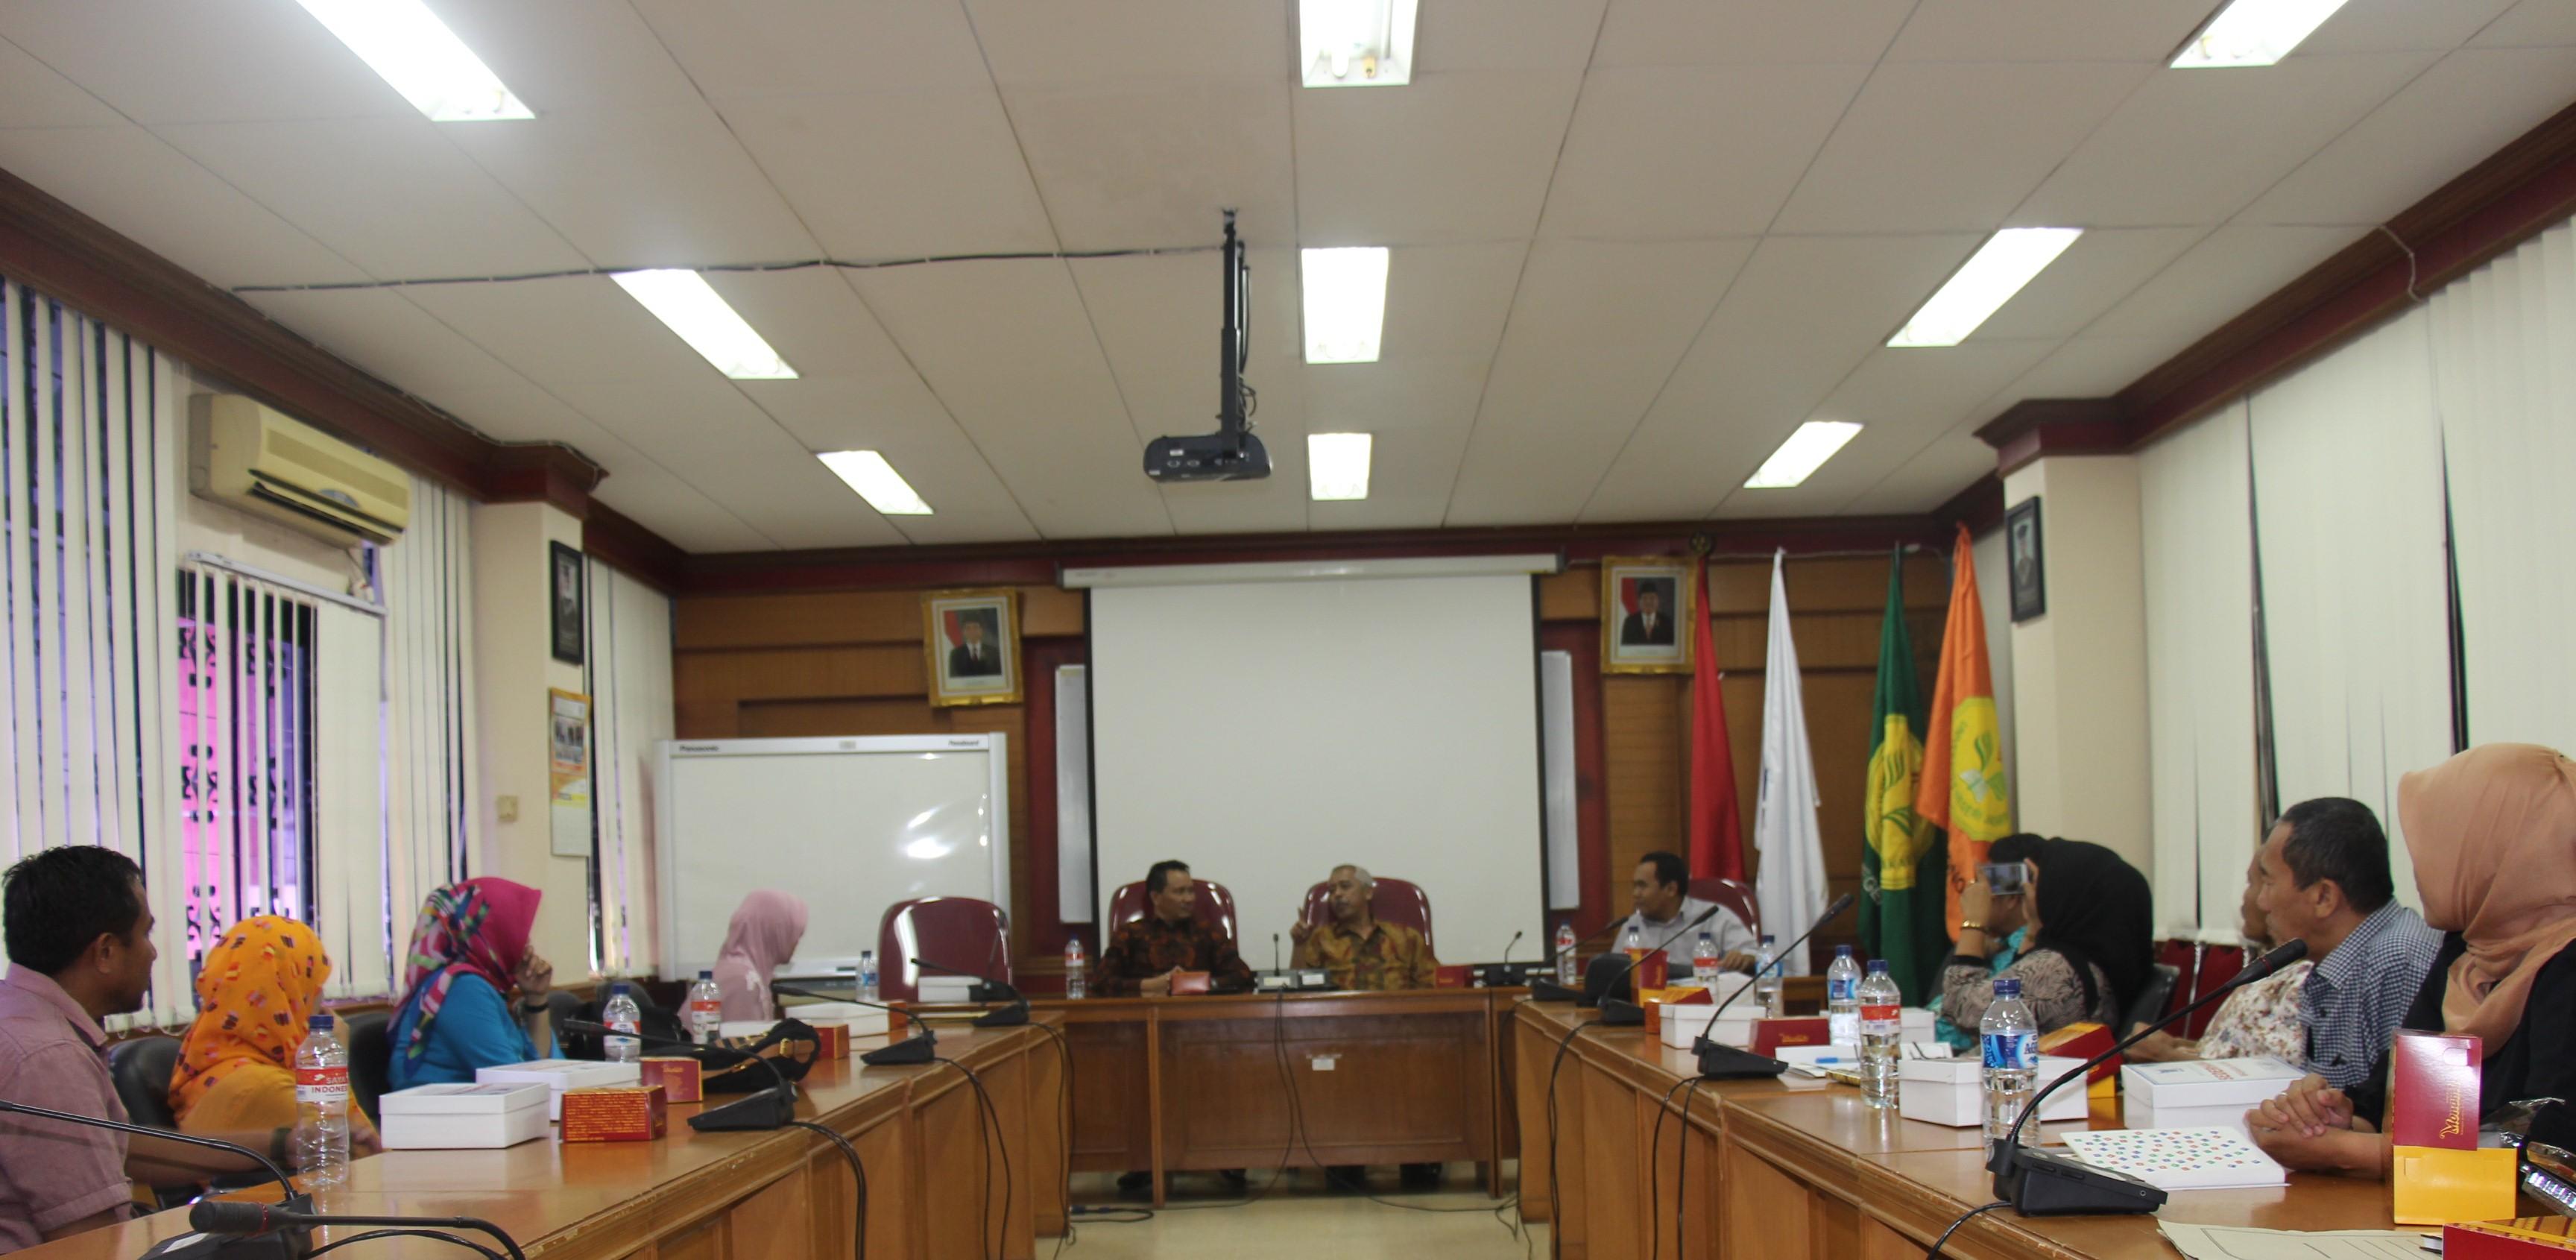 Kunjungan Studi Pelayanan Pengelolaan Akademik dan Keuangan dari Fakultas Ekonomi Universitas Negeri Gorontalo